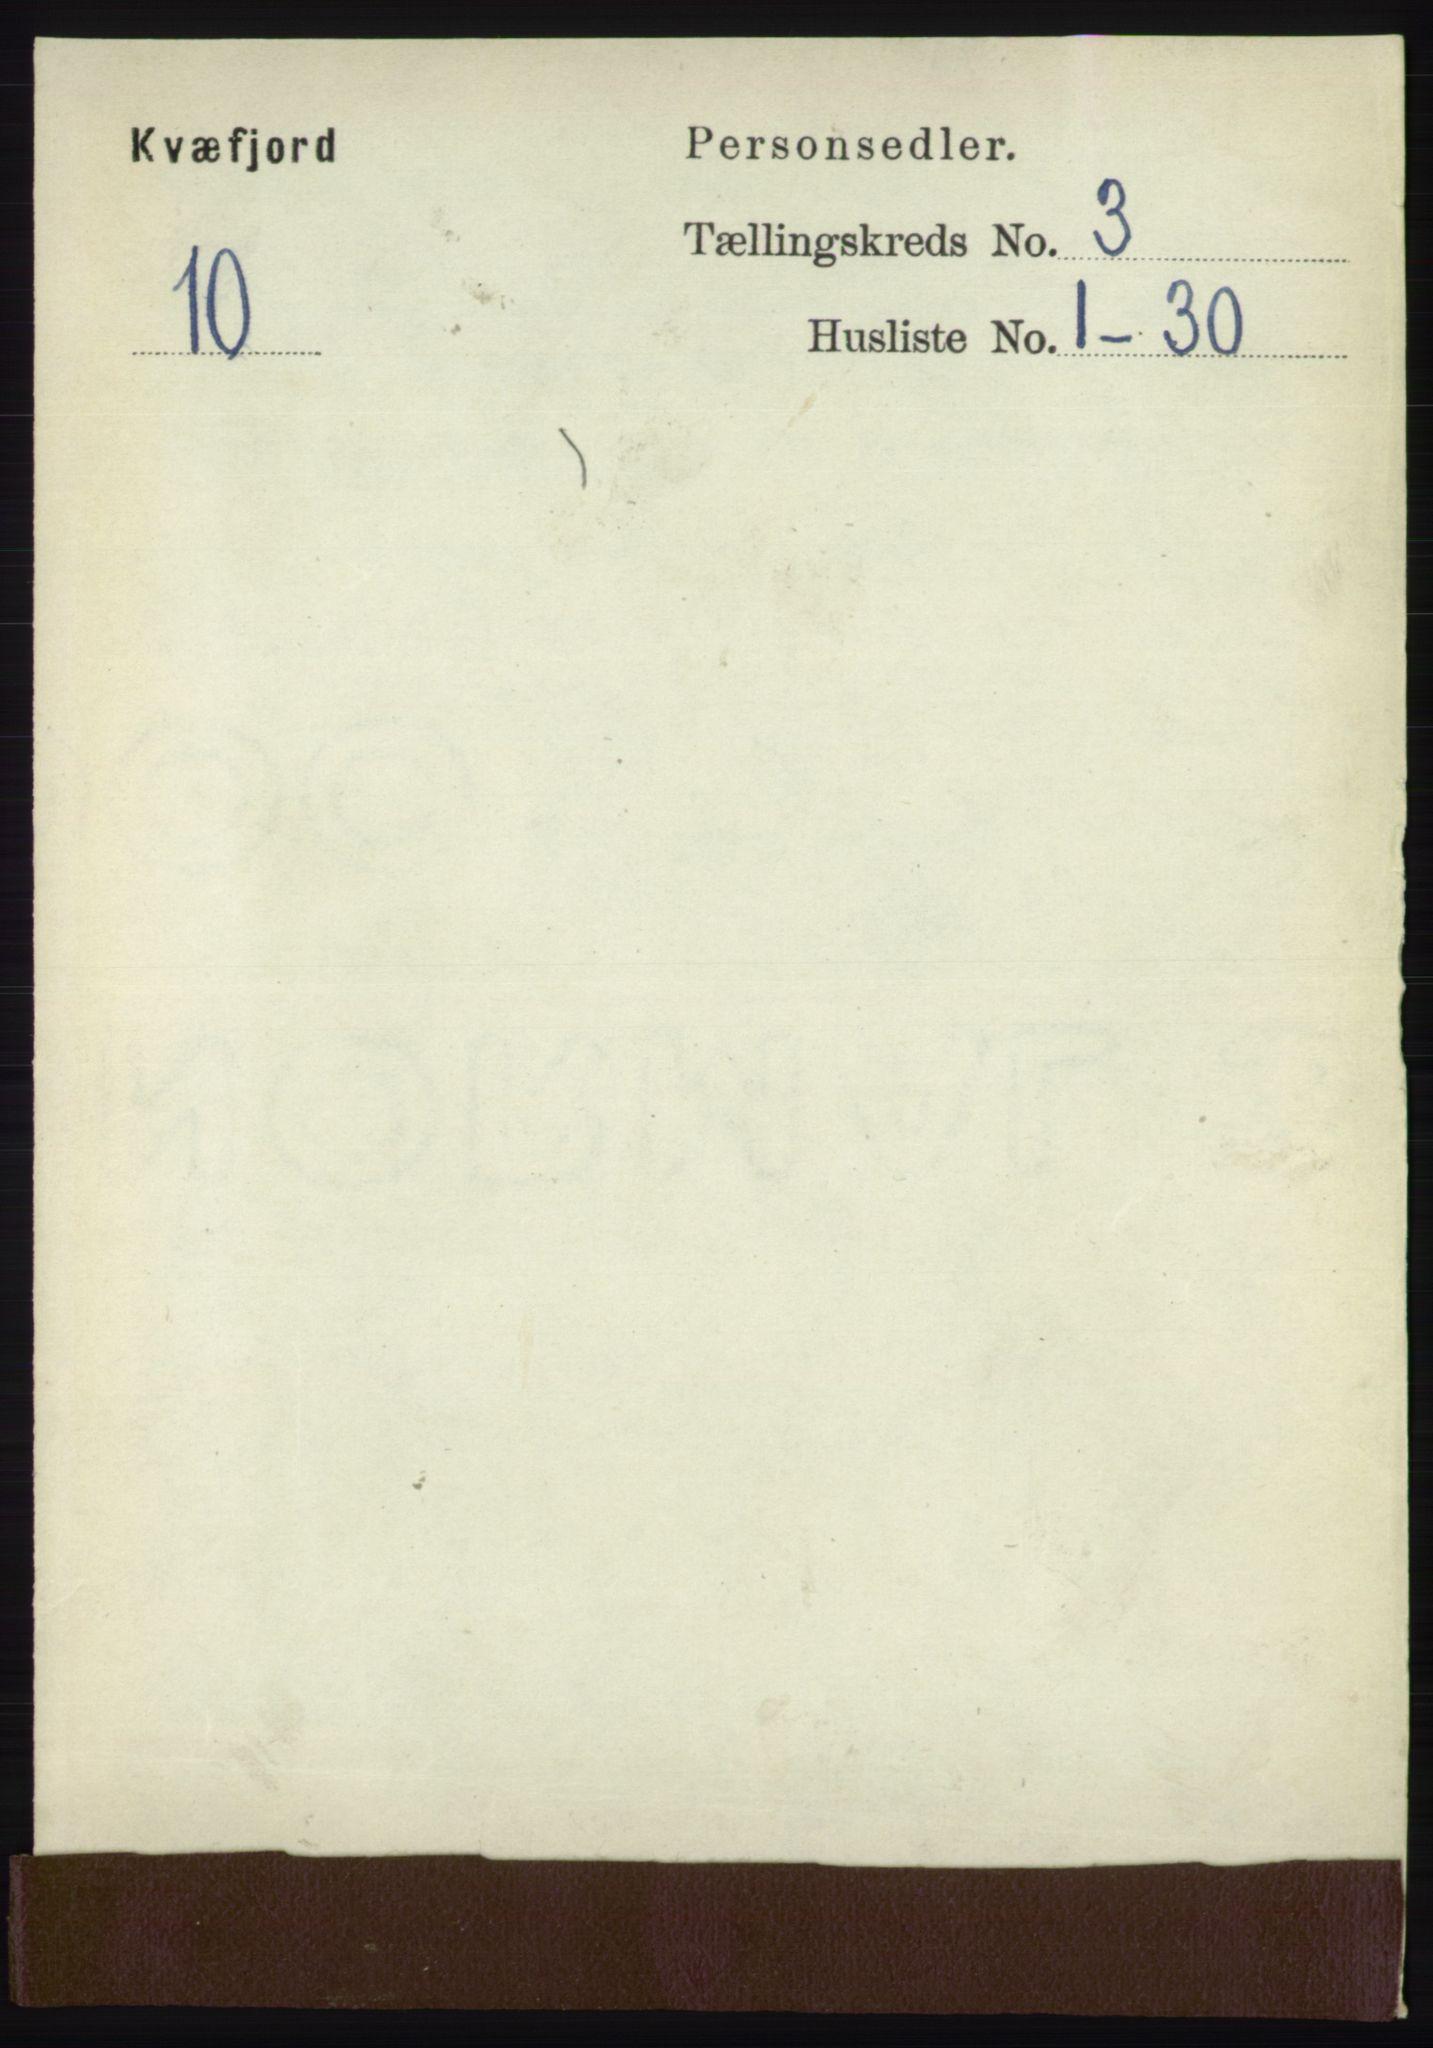 RA, Folketelling 1891 for 1911 Kvæfjord herred, 1891, s. 1300